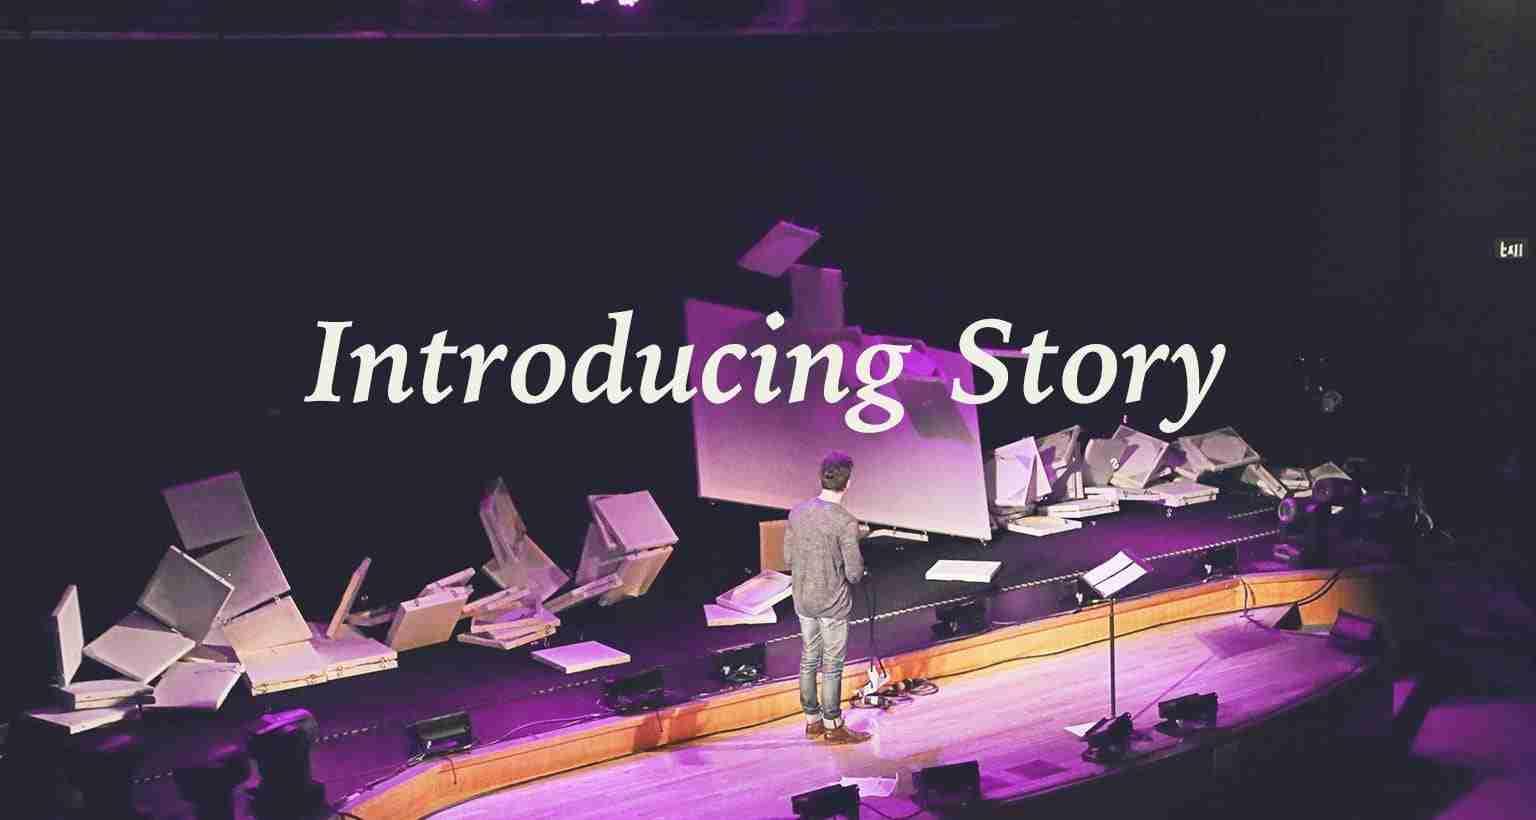 SALT: Introducing Story